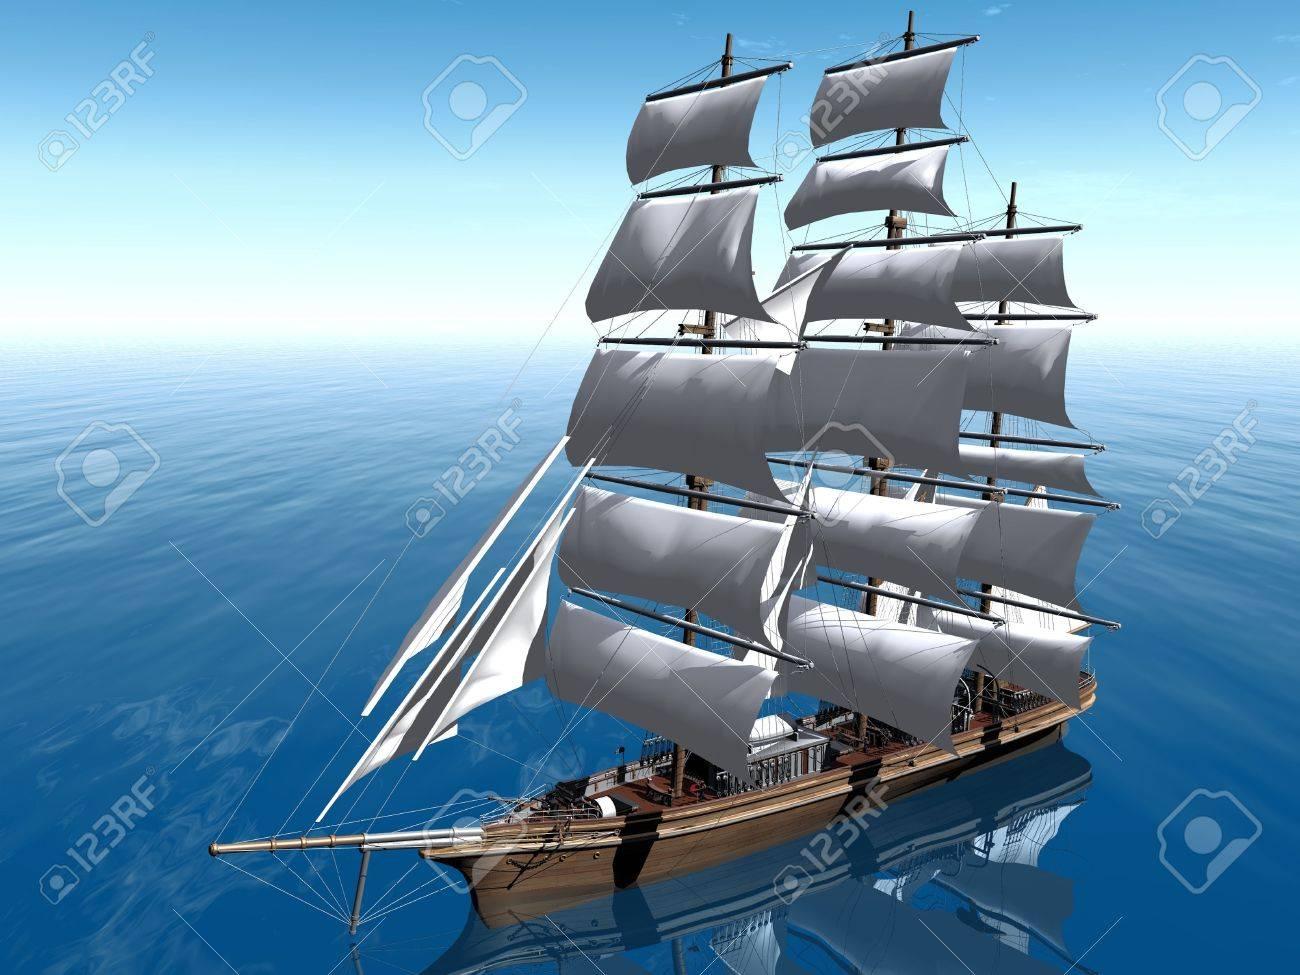 Segelschiffe auf dem meer  Dreimaster Segelschiff Auf Dem Meer Lizenzfreie Fotos, Bilder Und ...